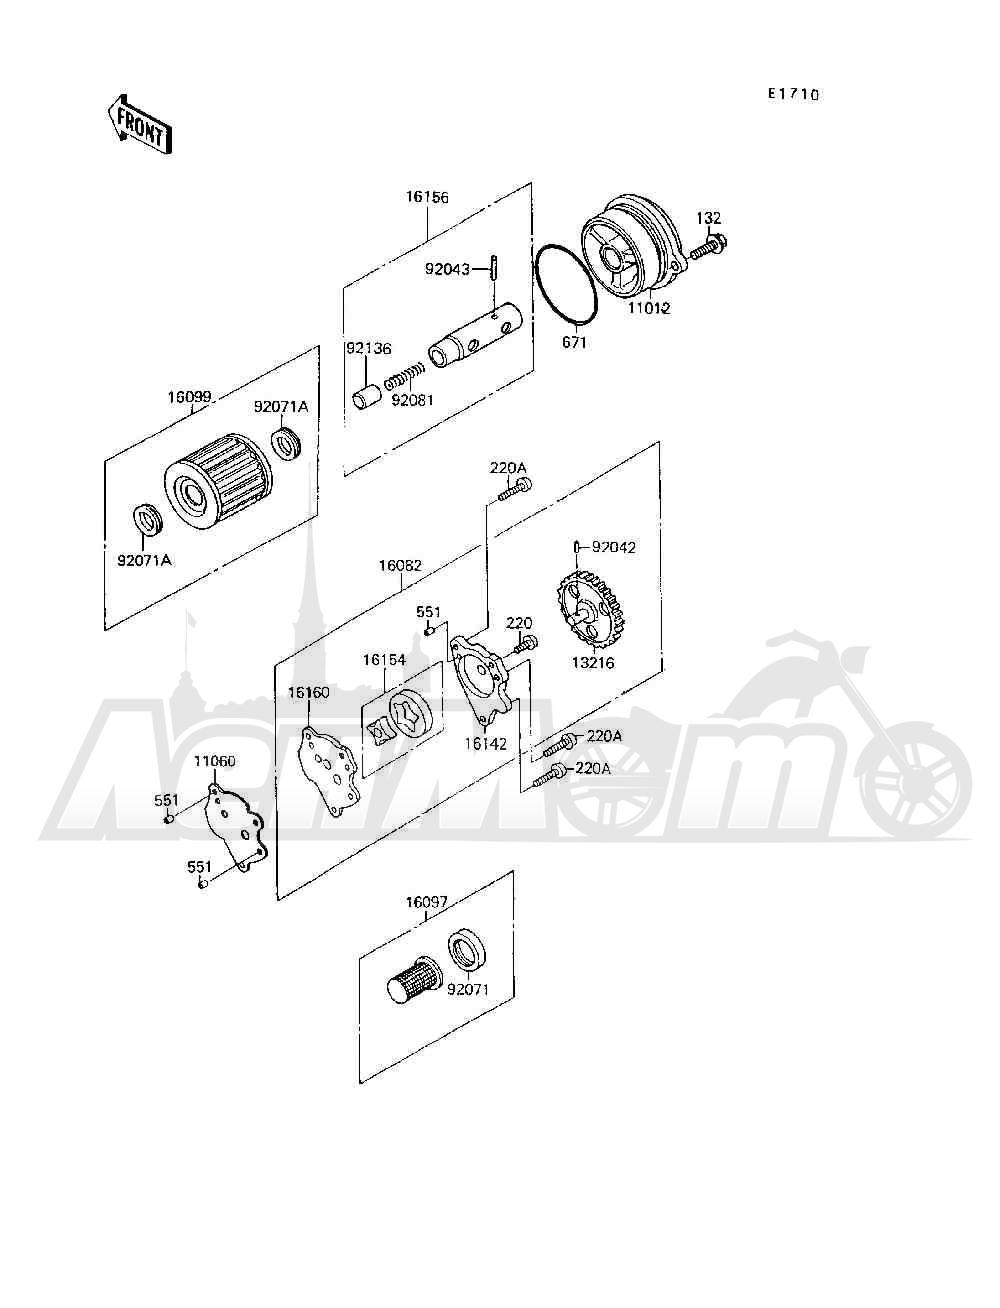 Запчасти для Квадроцикла Kawasaki 1994 MOJAVE 250 (KSF250-A8) Раздел: OIL PUMP / OIL FILTER | маслянный насос/масляный фильтр